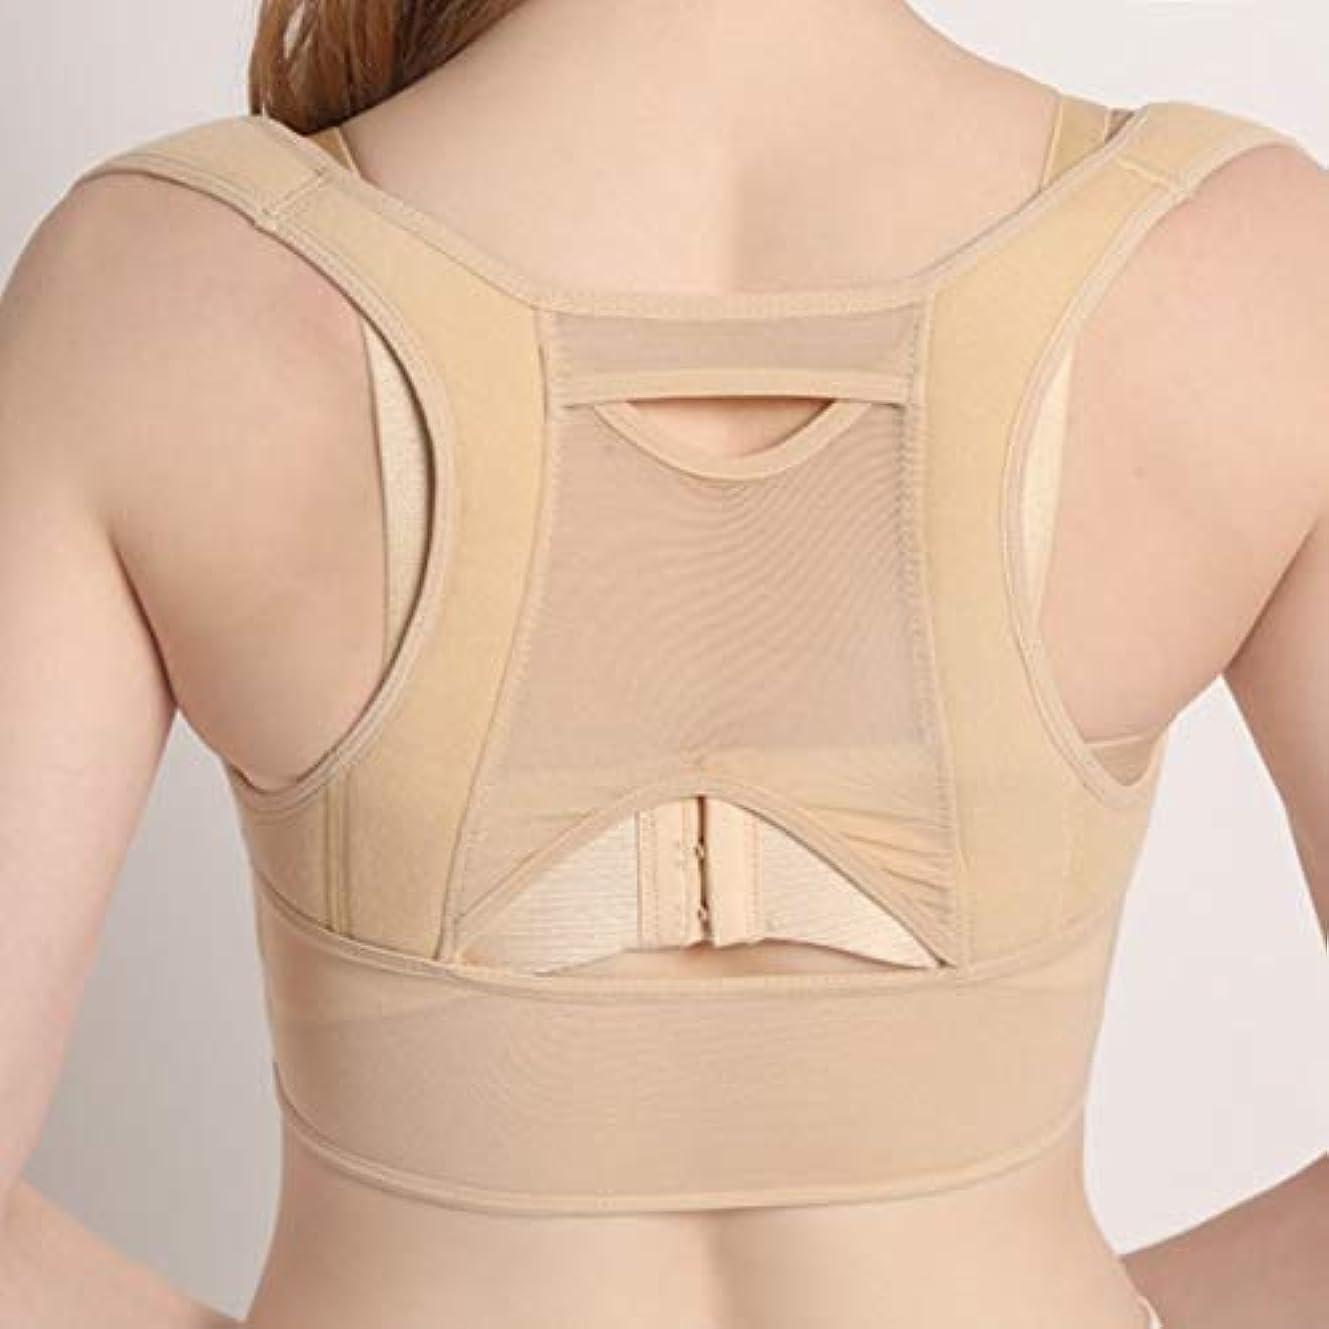 百科事典排泄物夕暮れ通気性のある女性の背中の姿勢矯正コルセット整形外科の背中の肩の背骨の姿勢矯正腰椎サポート - ベージュホワイトL